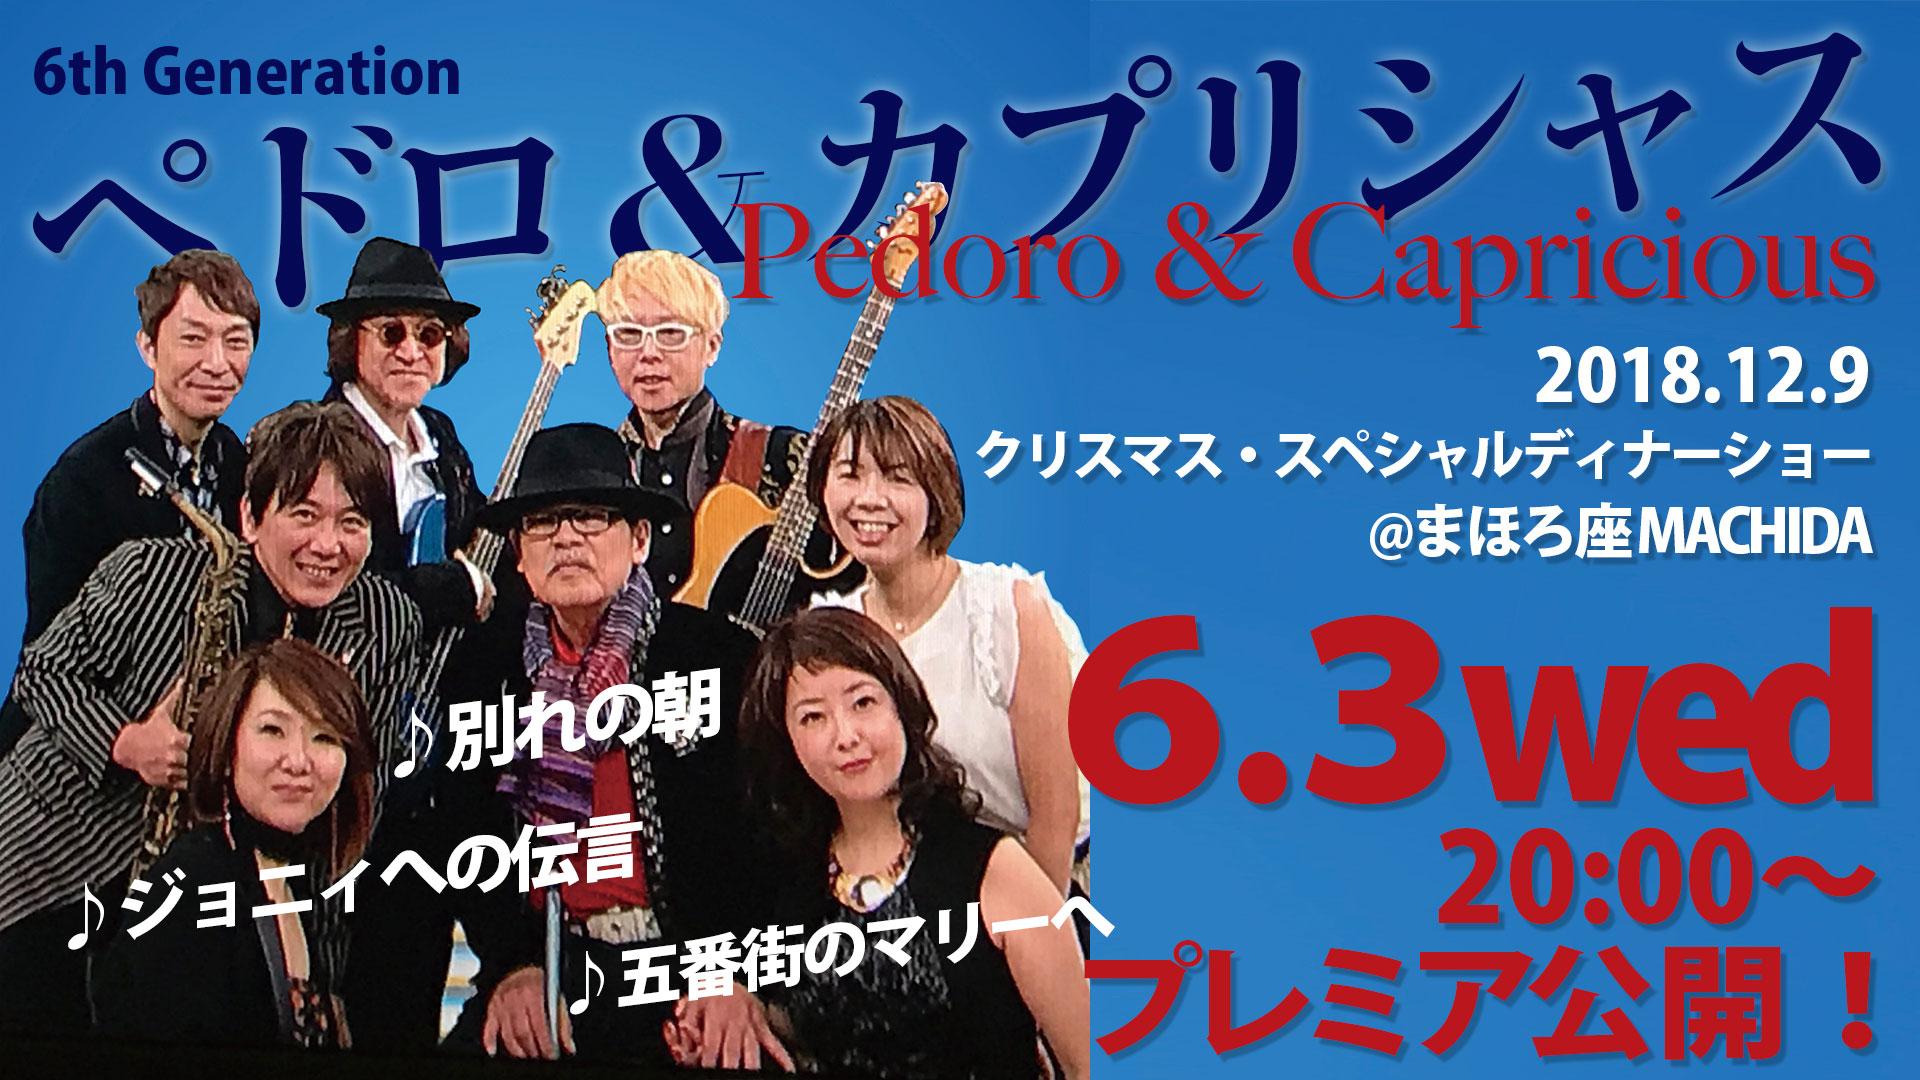 【アーカイブ 18.12.09】ペドロ&カプリシャス / クリスマス・スペシャルディナーショー